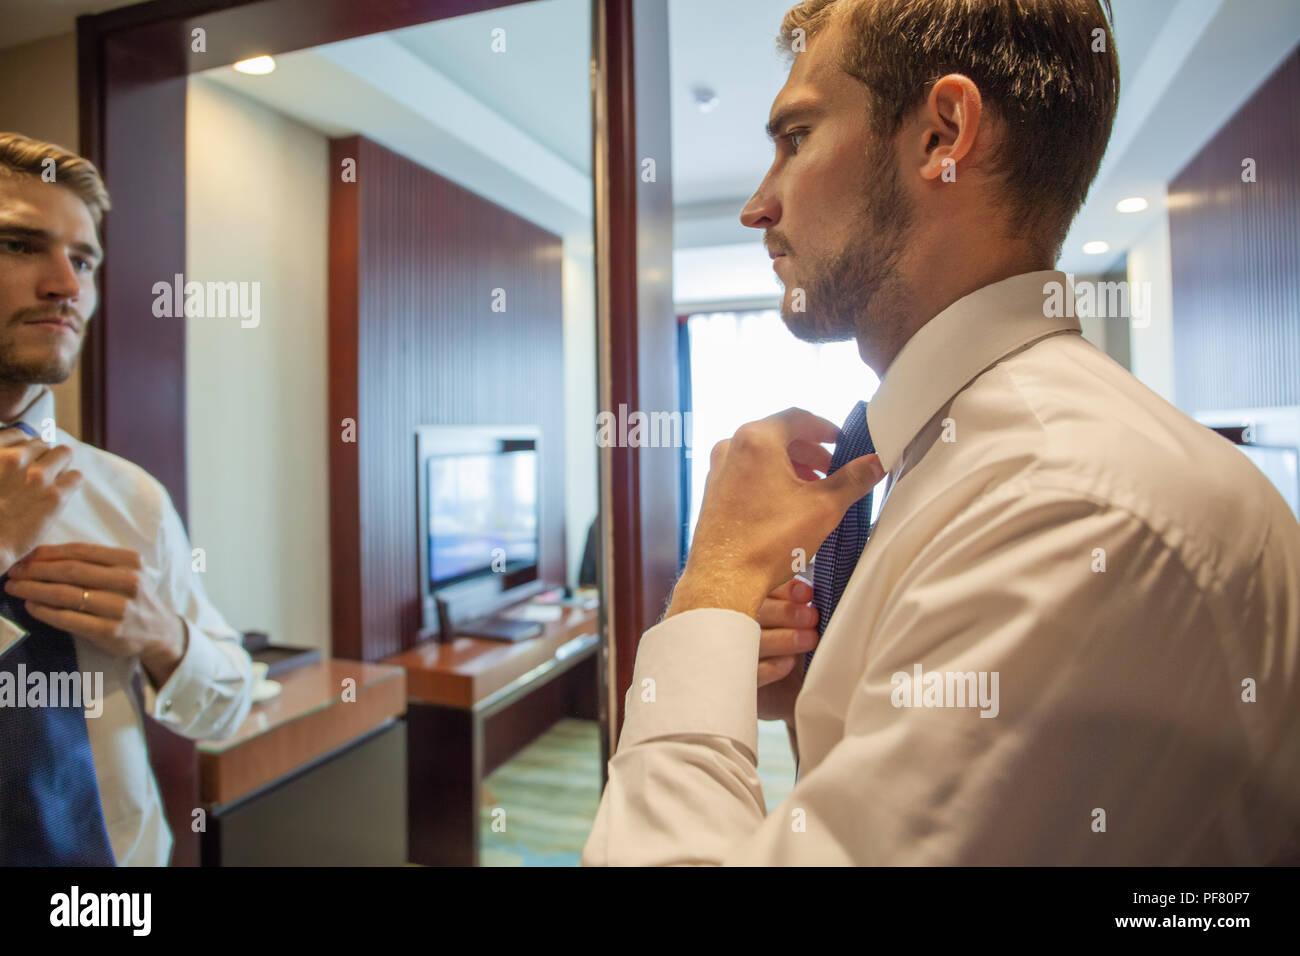 Personen, Business, Mode und Kleidung Konzept - Nahaufnahme der Mann im Hemd Dressing up und Einstellung der Riegel am Hals zu Hause. Stockbild